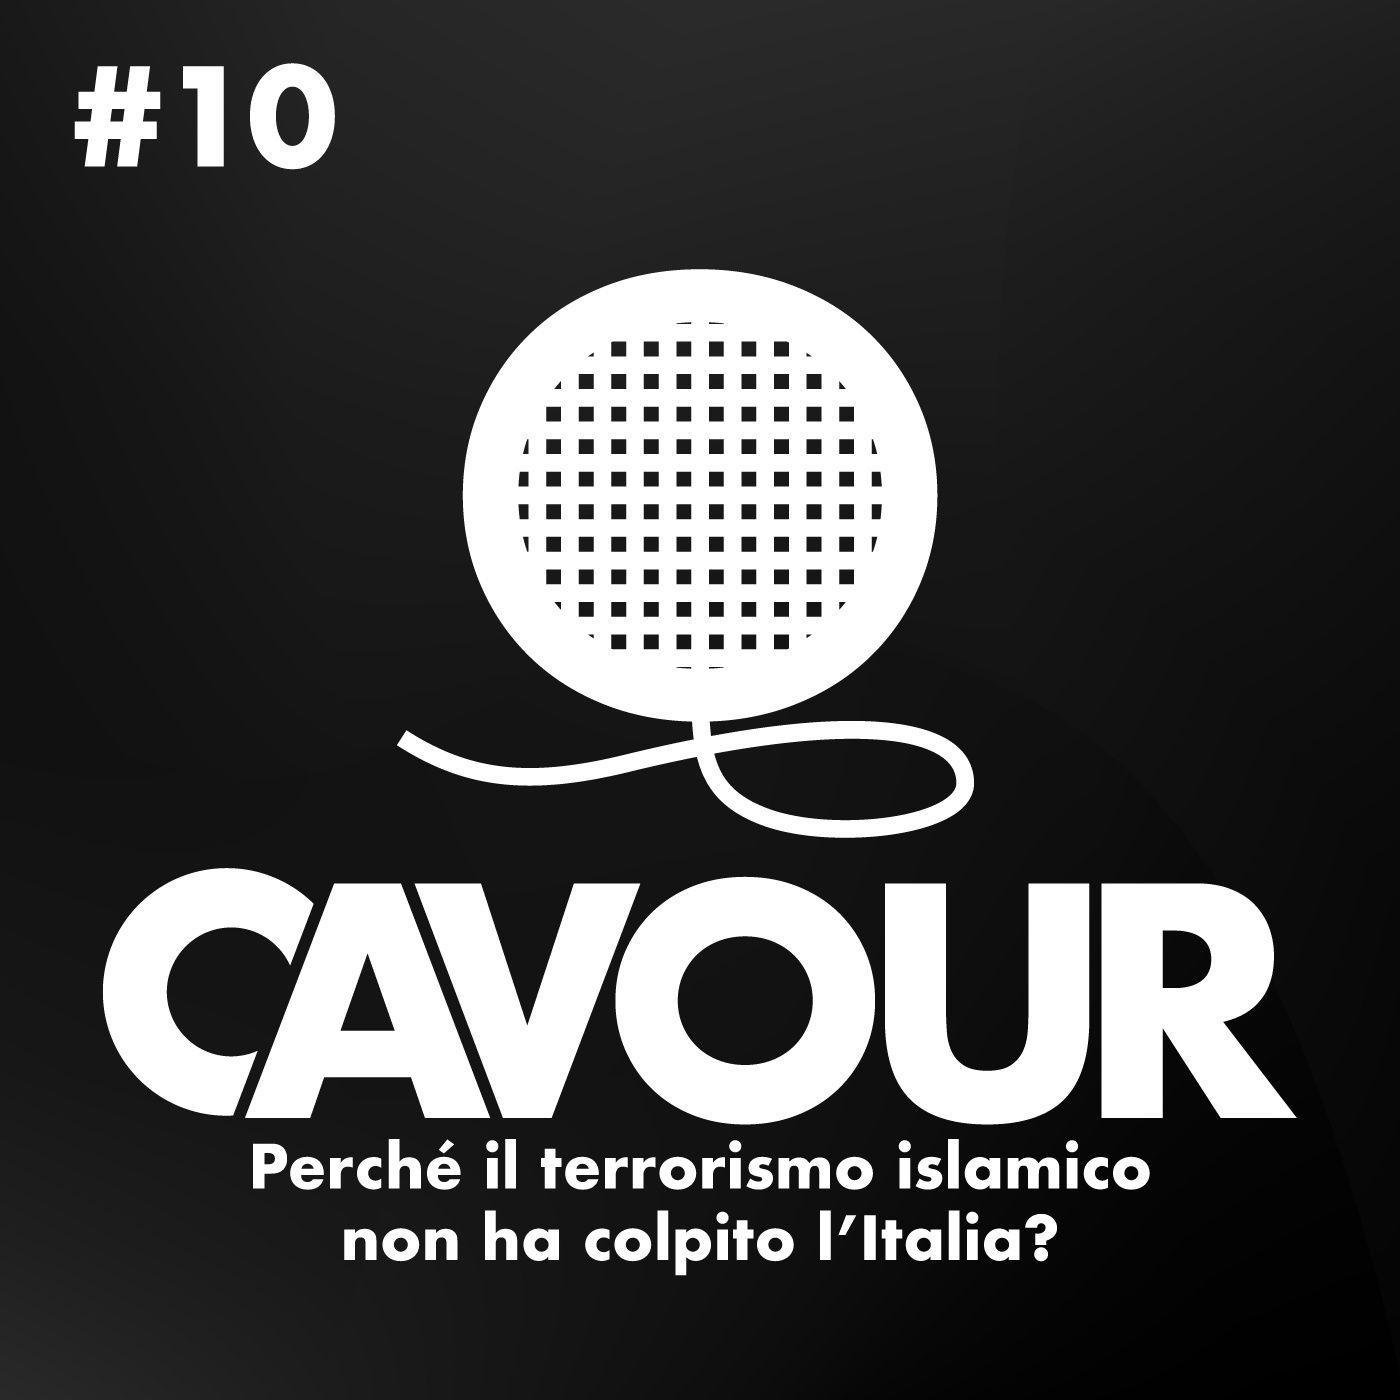 Perché il terrorismo islamico non ha colpito l'Italia? #10